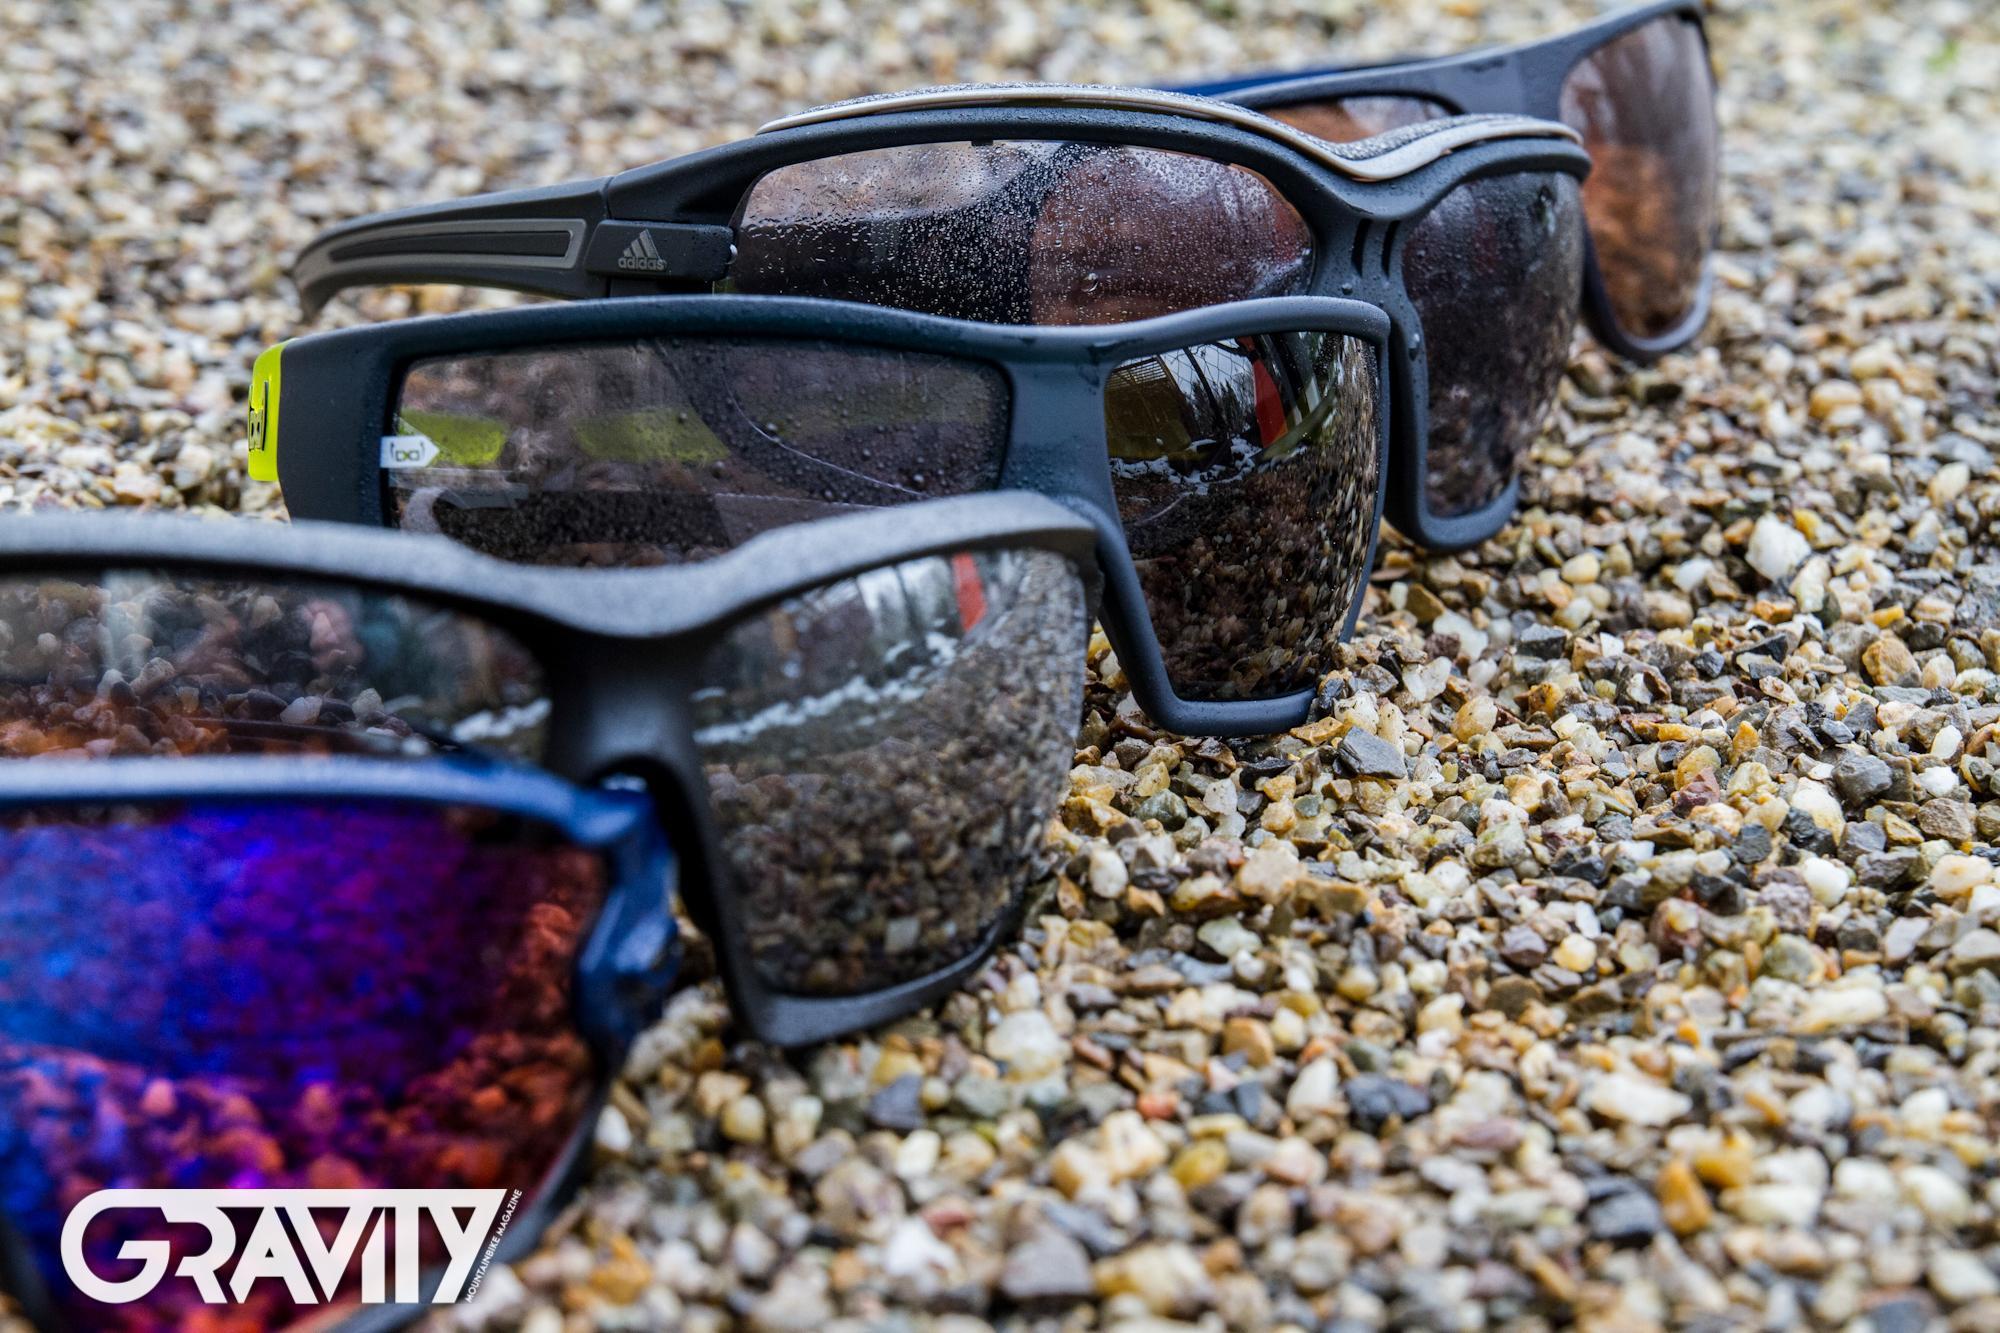 beschlagen der brille verhindern